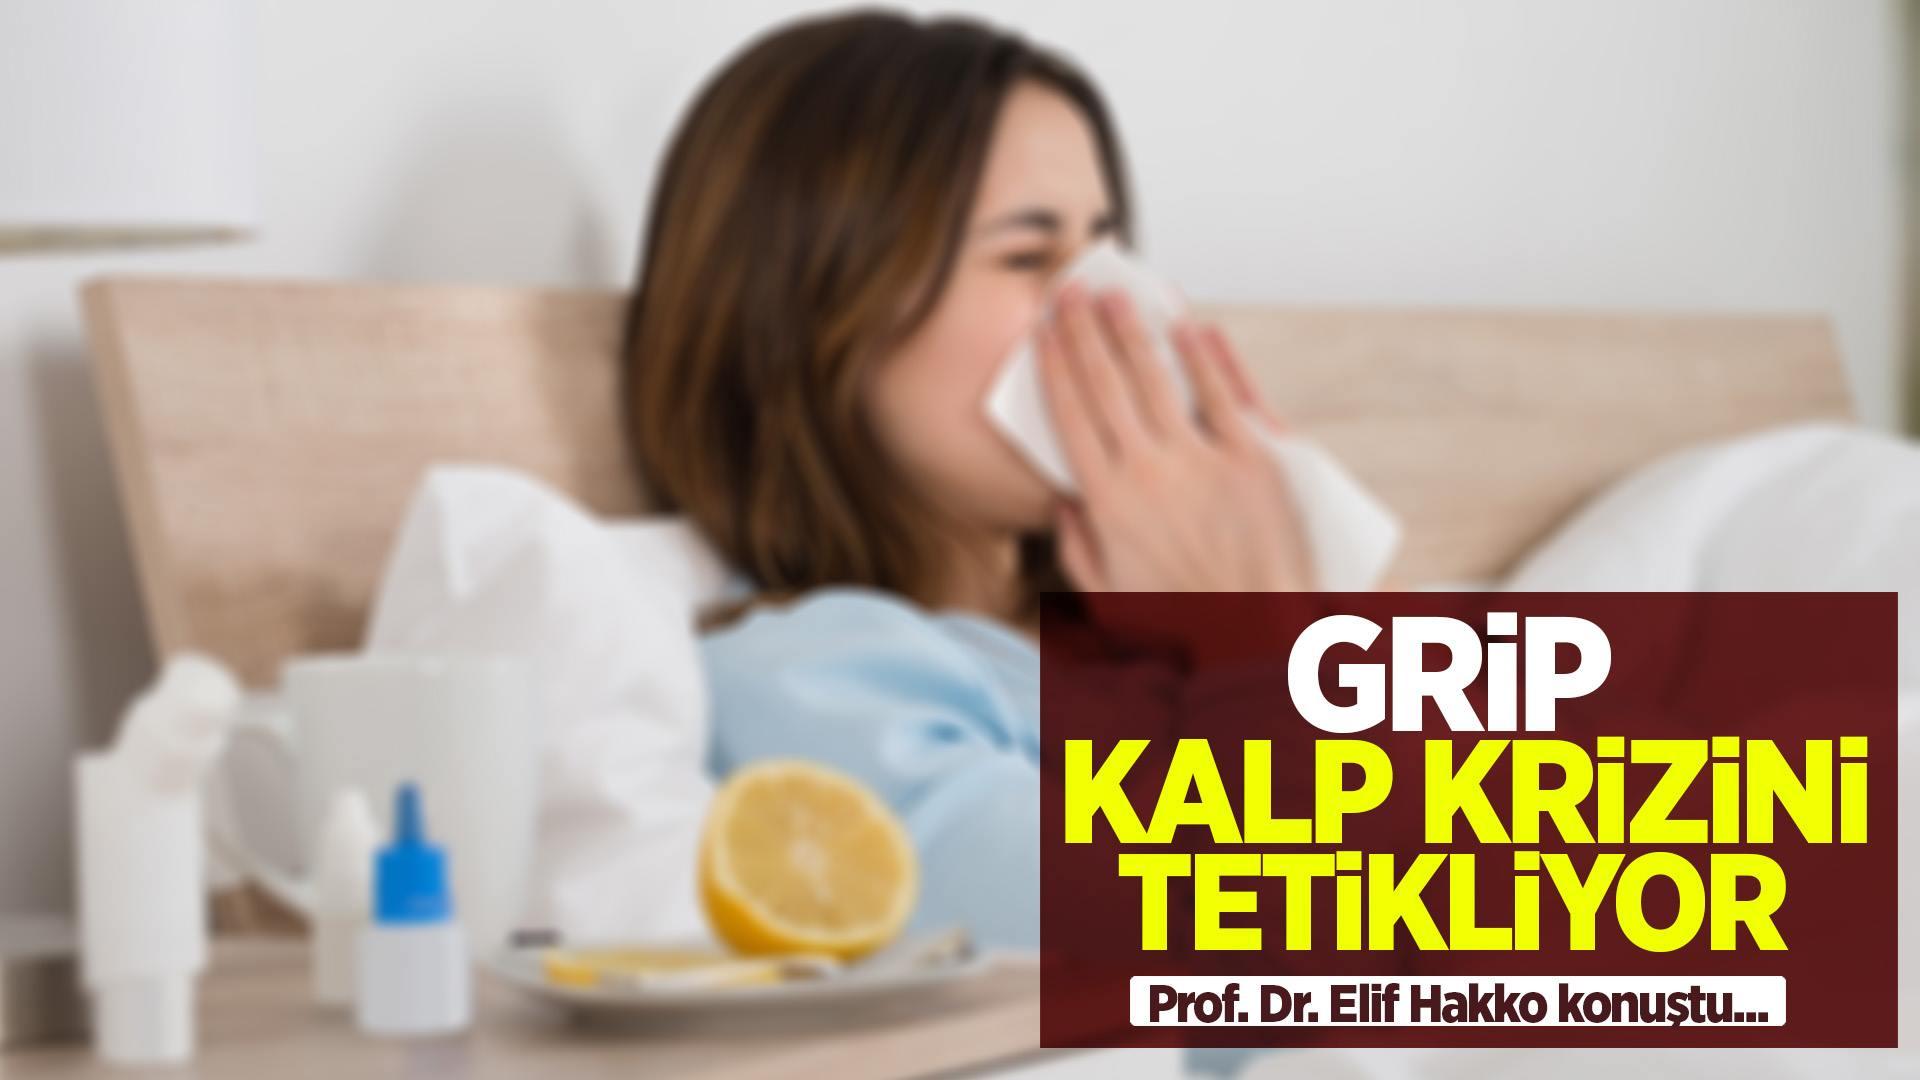 Dikkat! Grip, kalp krizini tetikliyor!